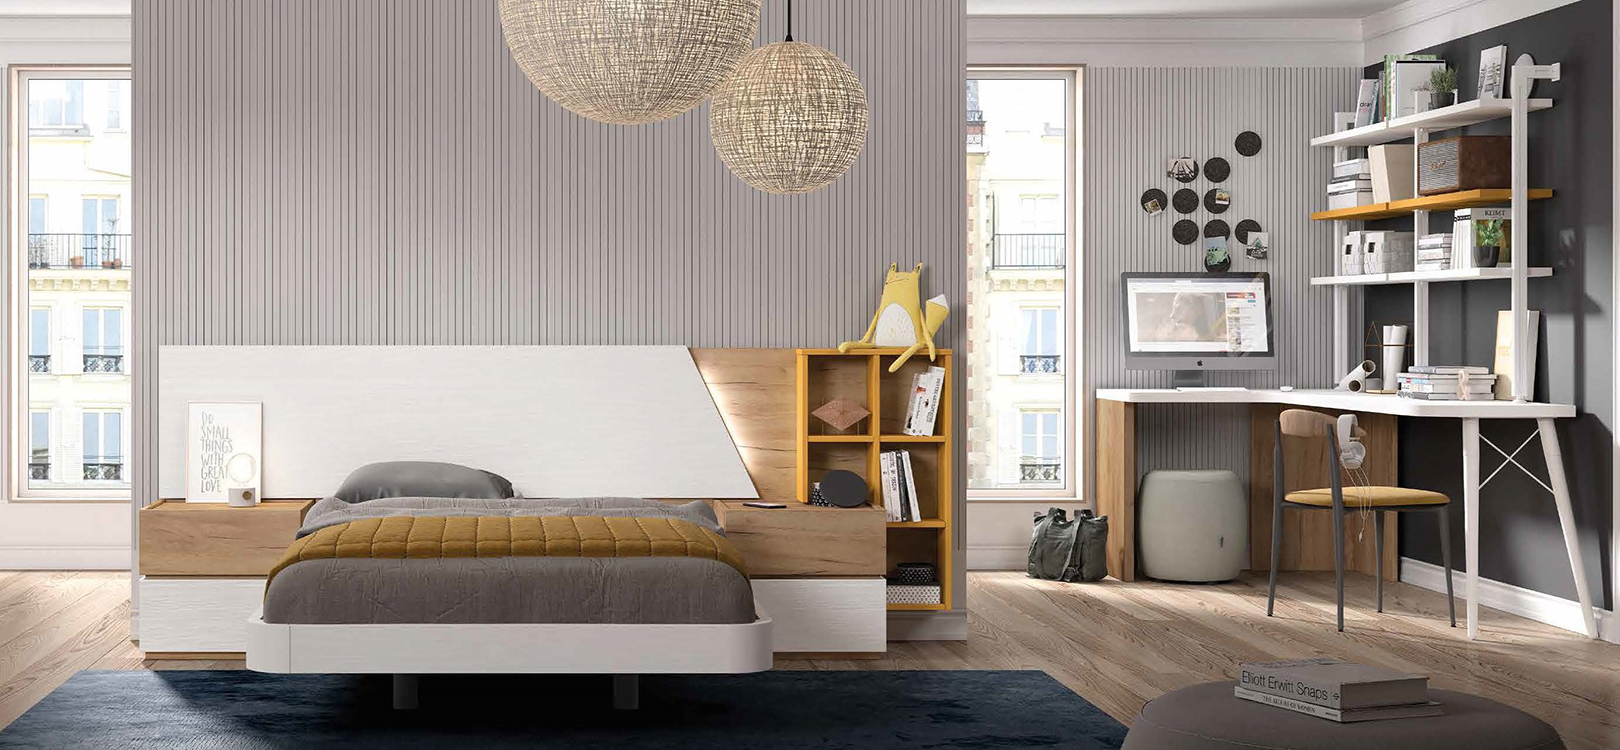 http://www.munozmuebles.net/nueva/catalogo/juveniles-modulares.html - Fotografías  con muebles de madera de acacia en Madrid sur